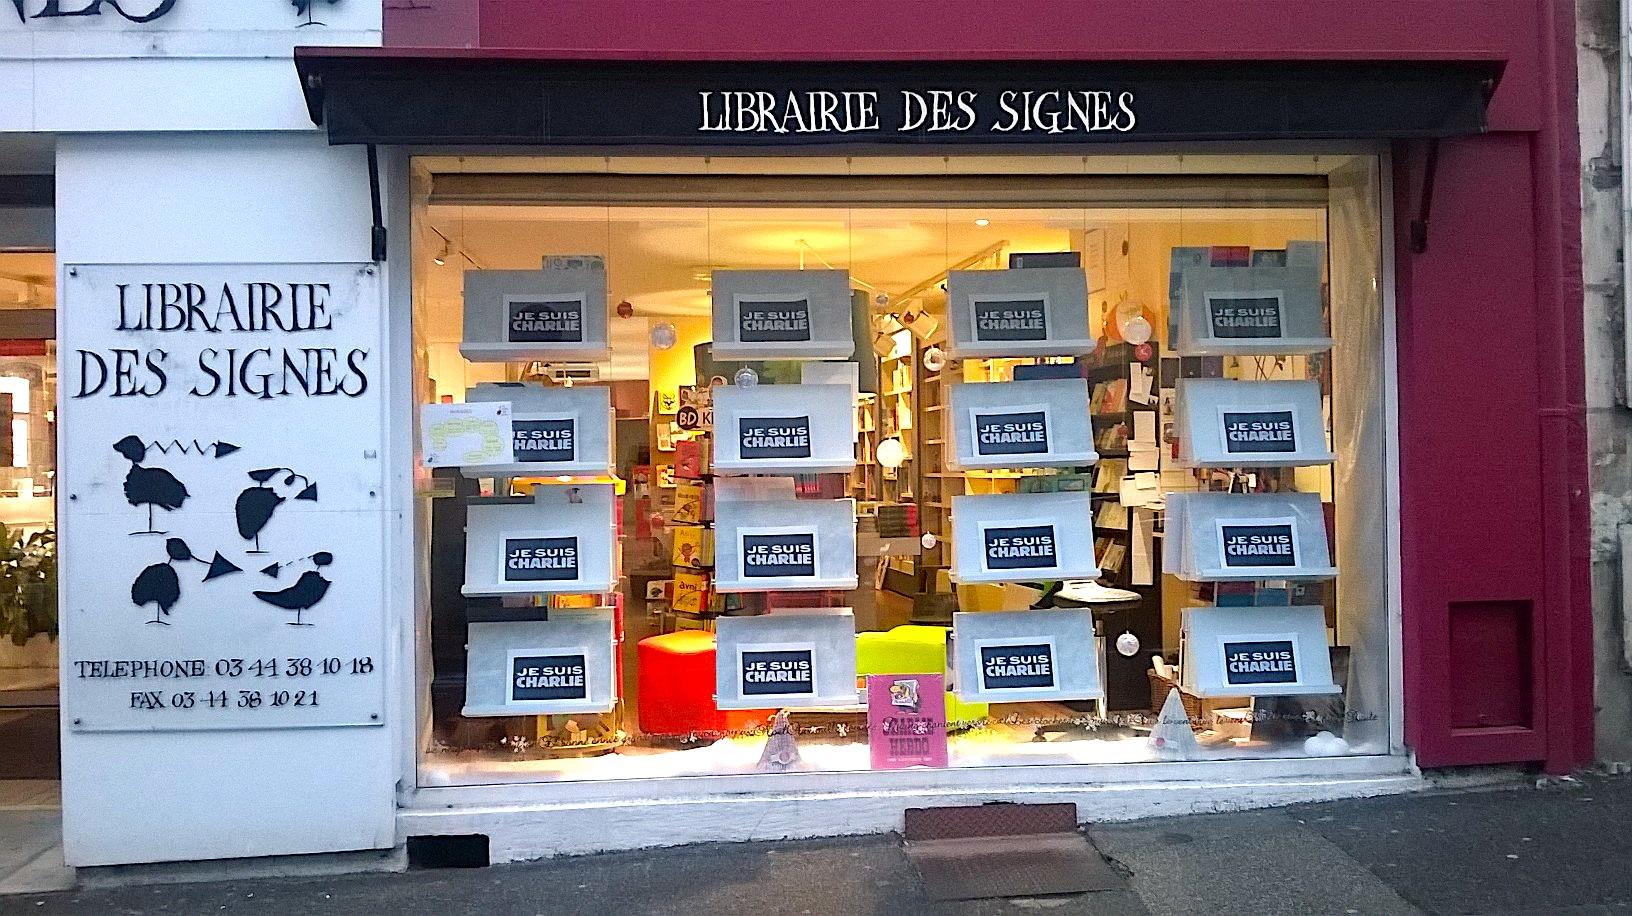 Quitter un poste de libraire à Paris, pour sa propre librairie à Compiègne